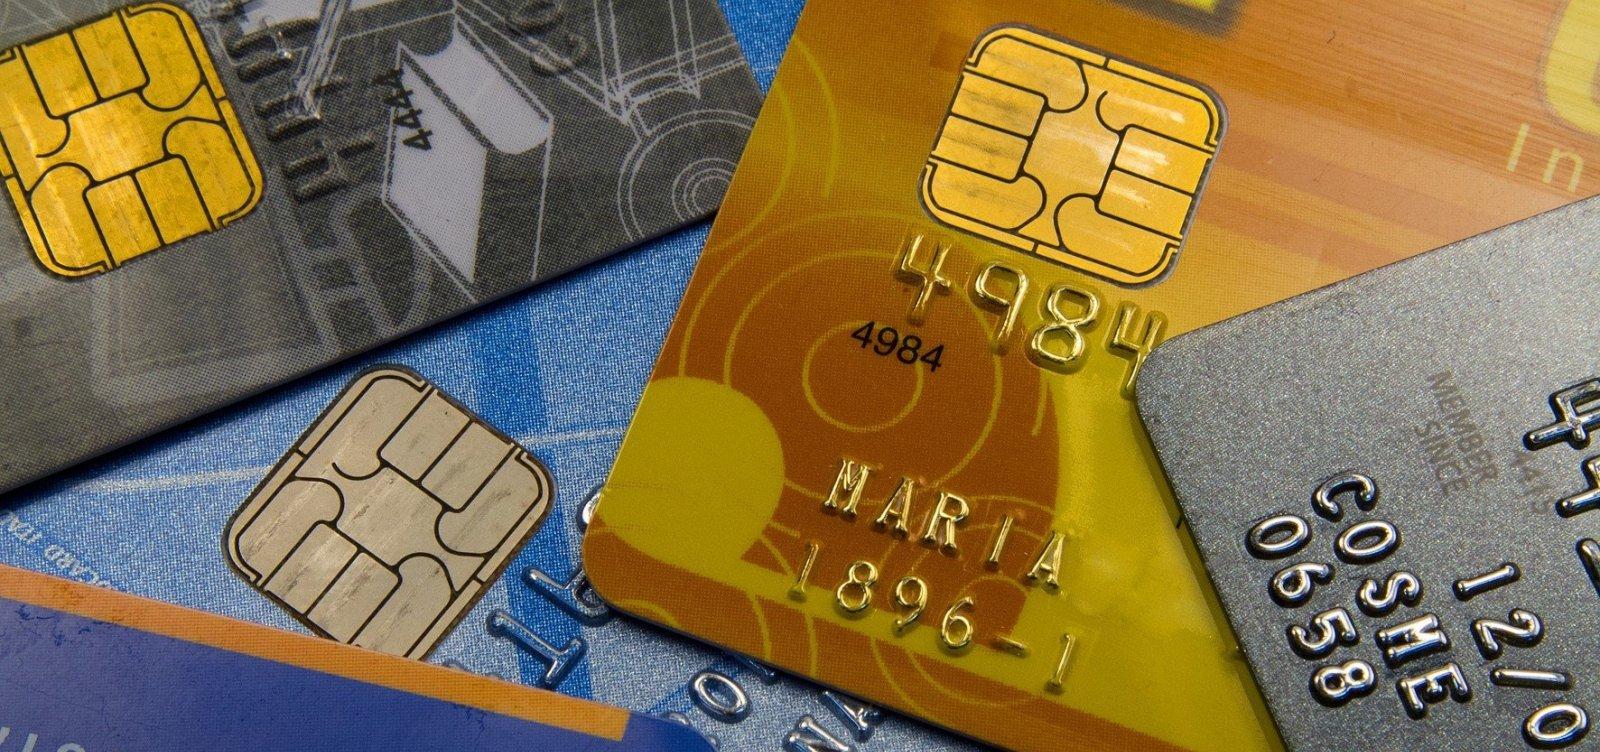 De cada 4 usuários de cartão, 1 entrou no crédito rotativo, diz pesquisa